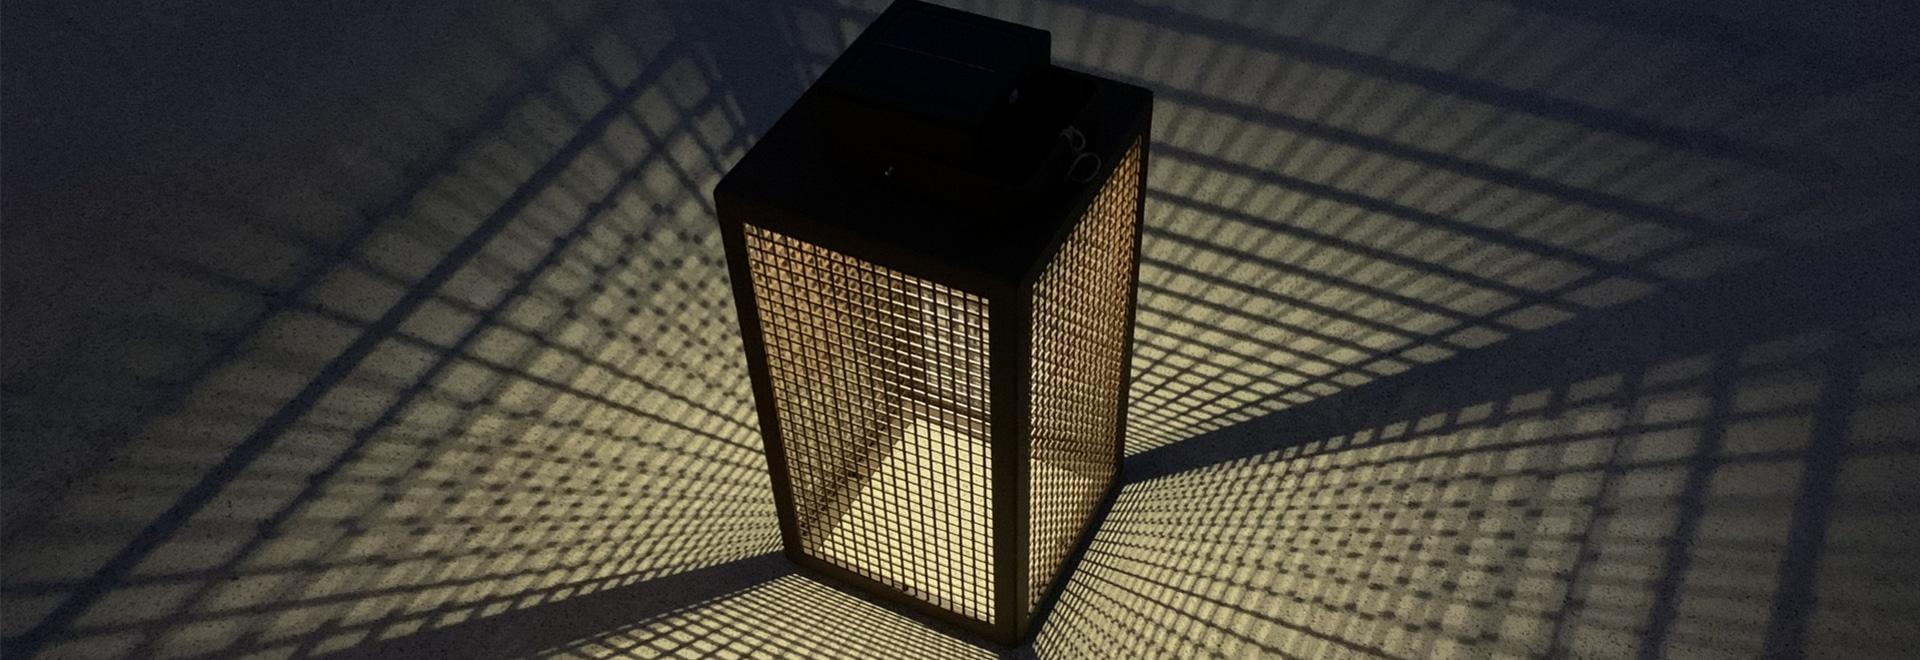 Lanterne solaire LAS 500 - édition spéciale